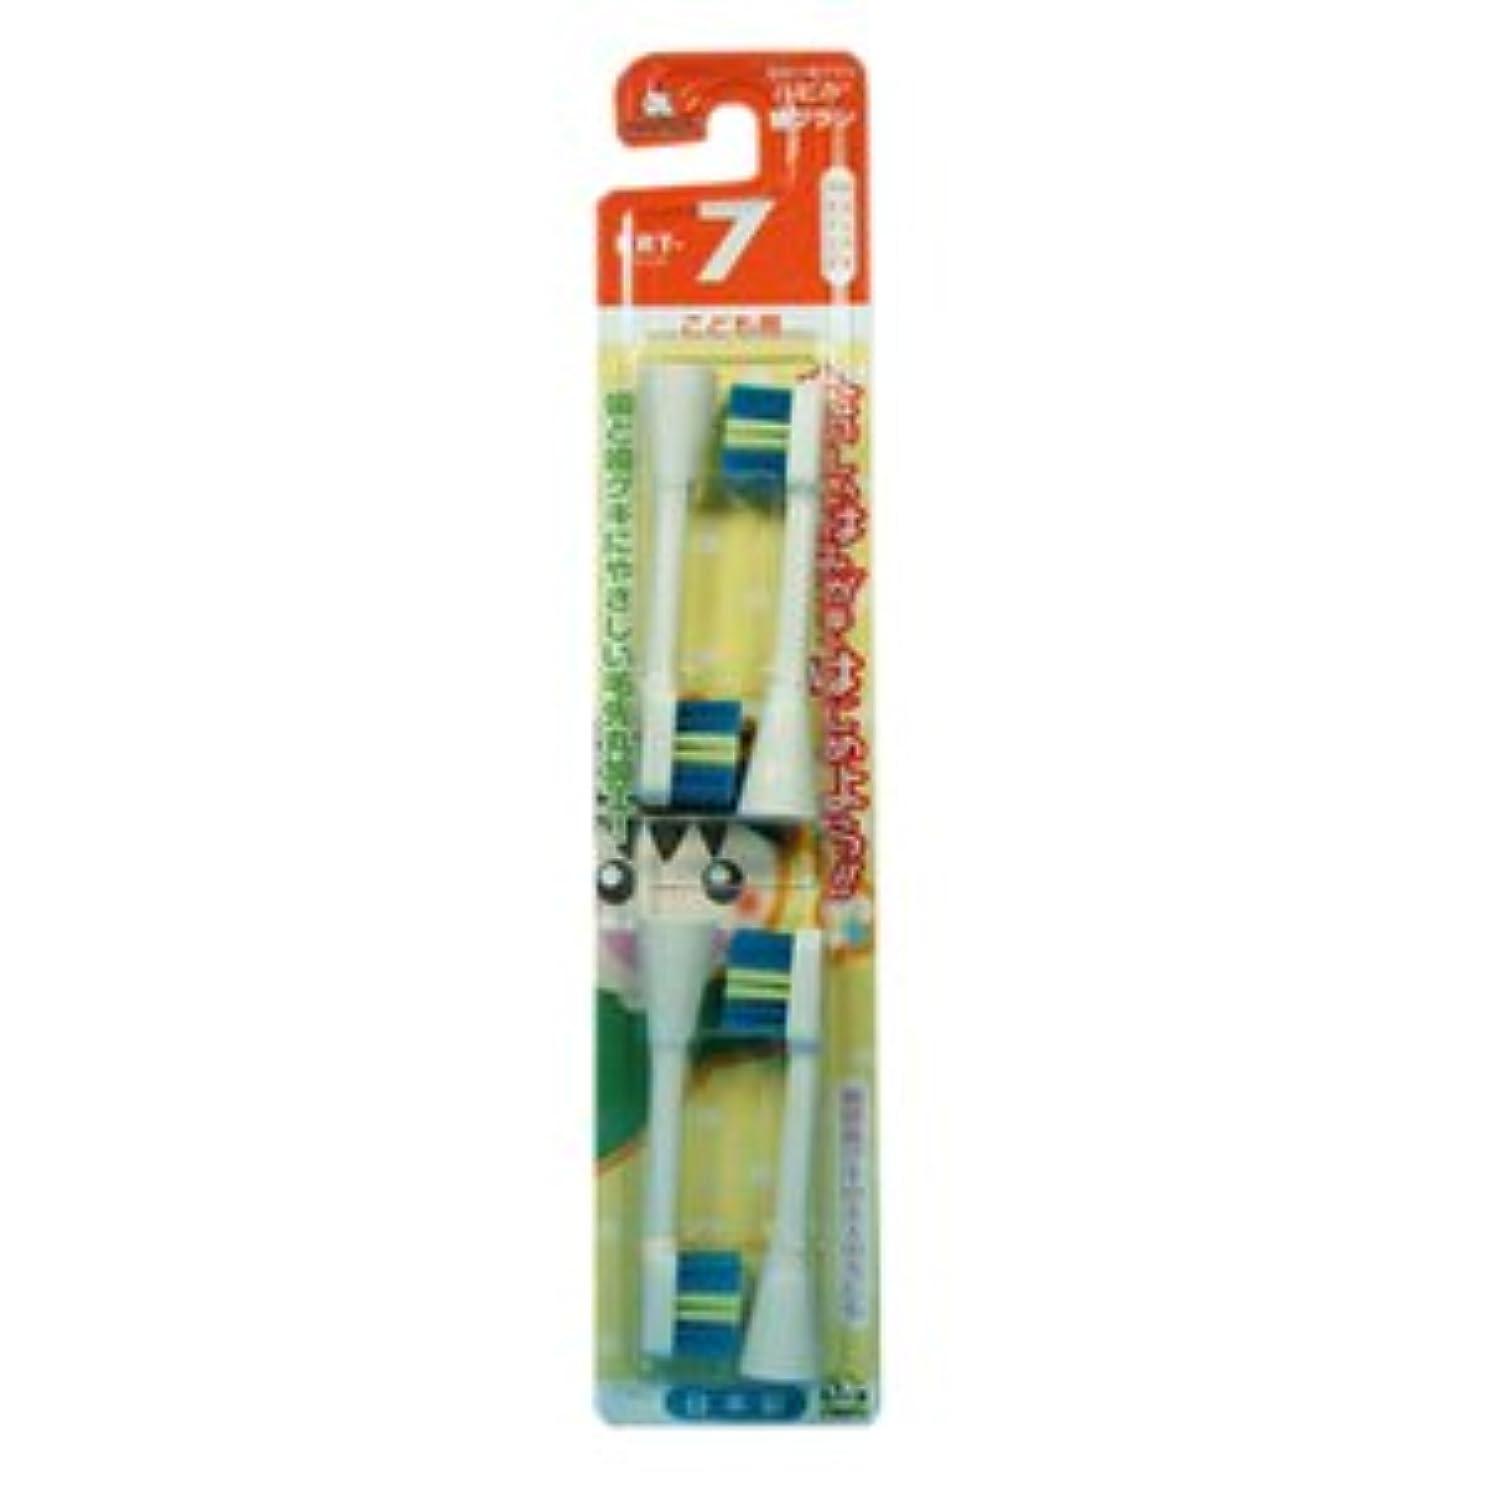 髄以内に見かけ上ミニマム 電動付歯ブラシ ハピカ 専用替ブラシ こども用 毛の硬さ:やわらかめ BRT-7 4個入